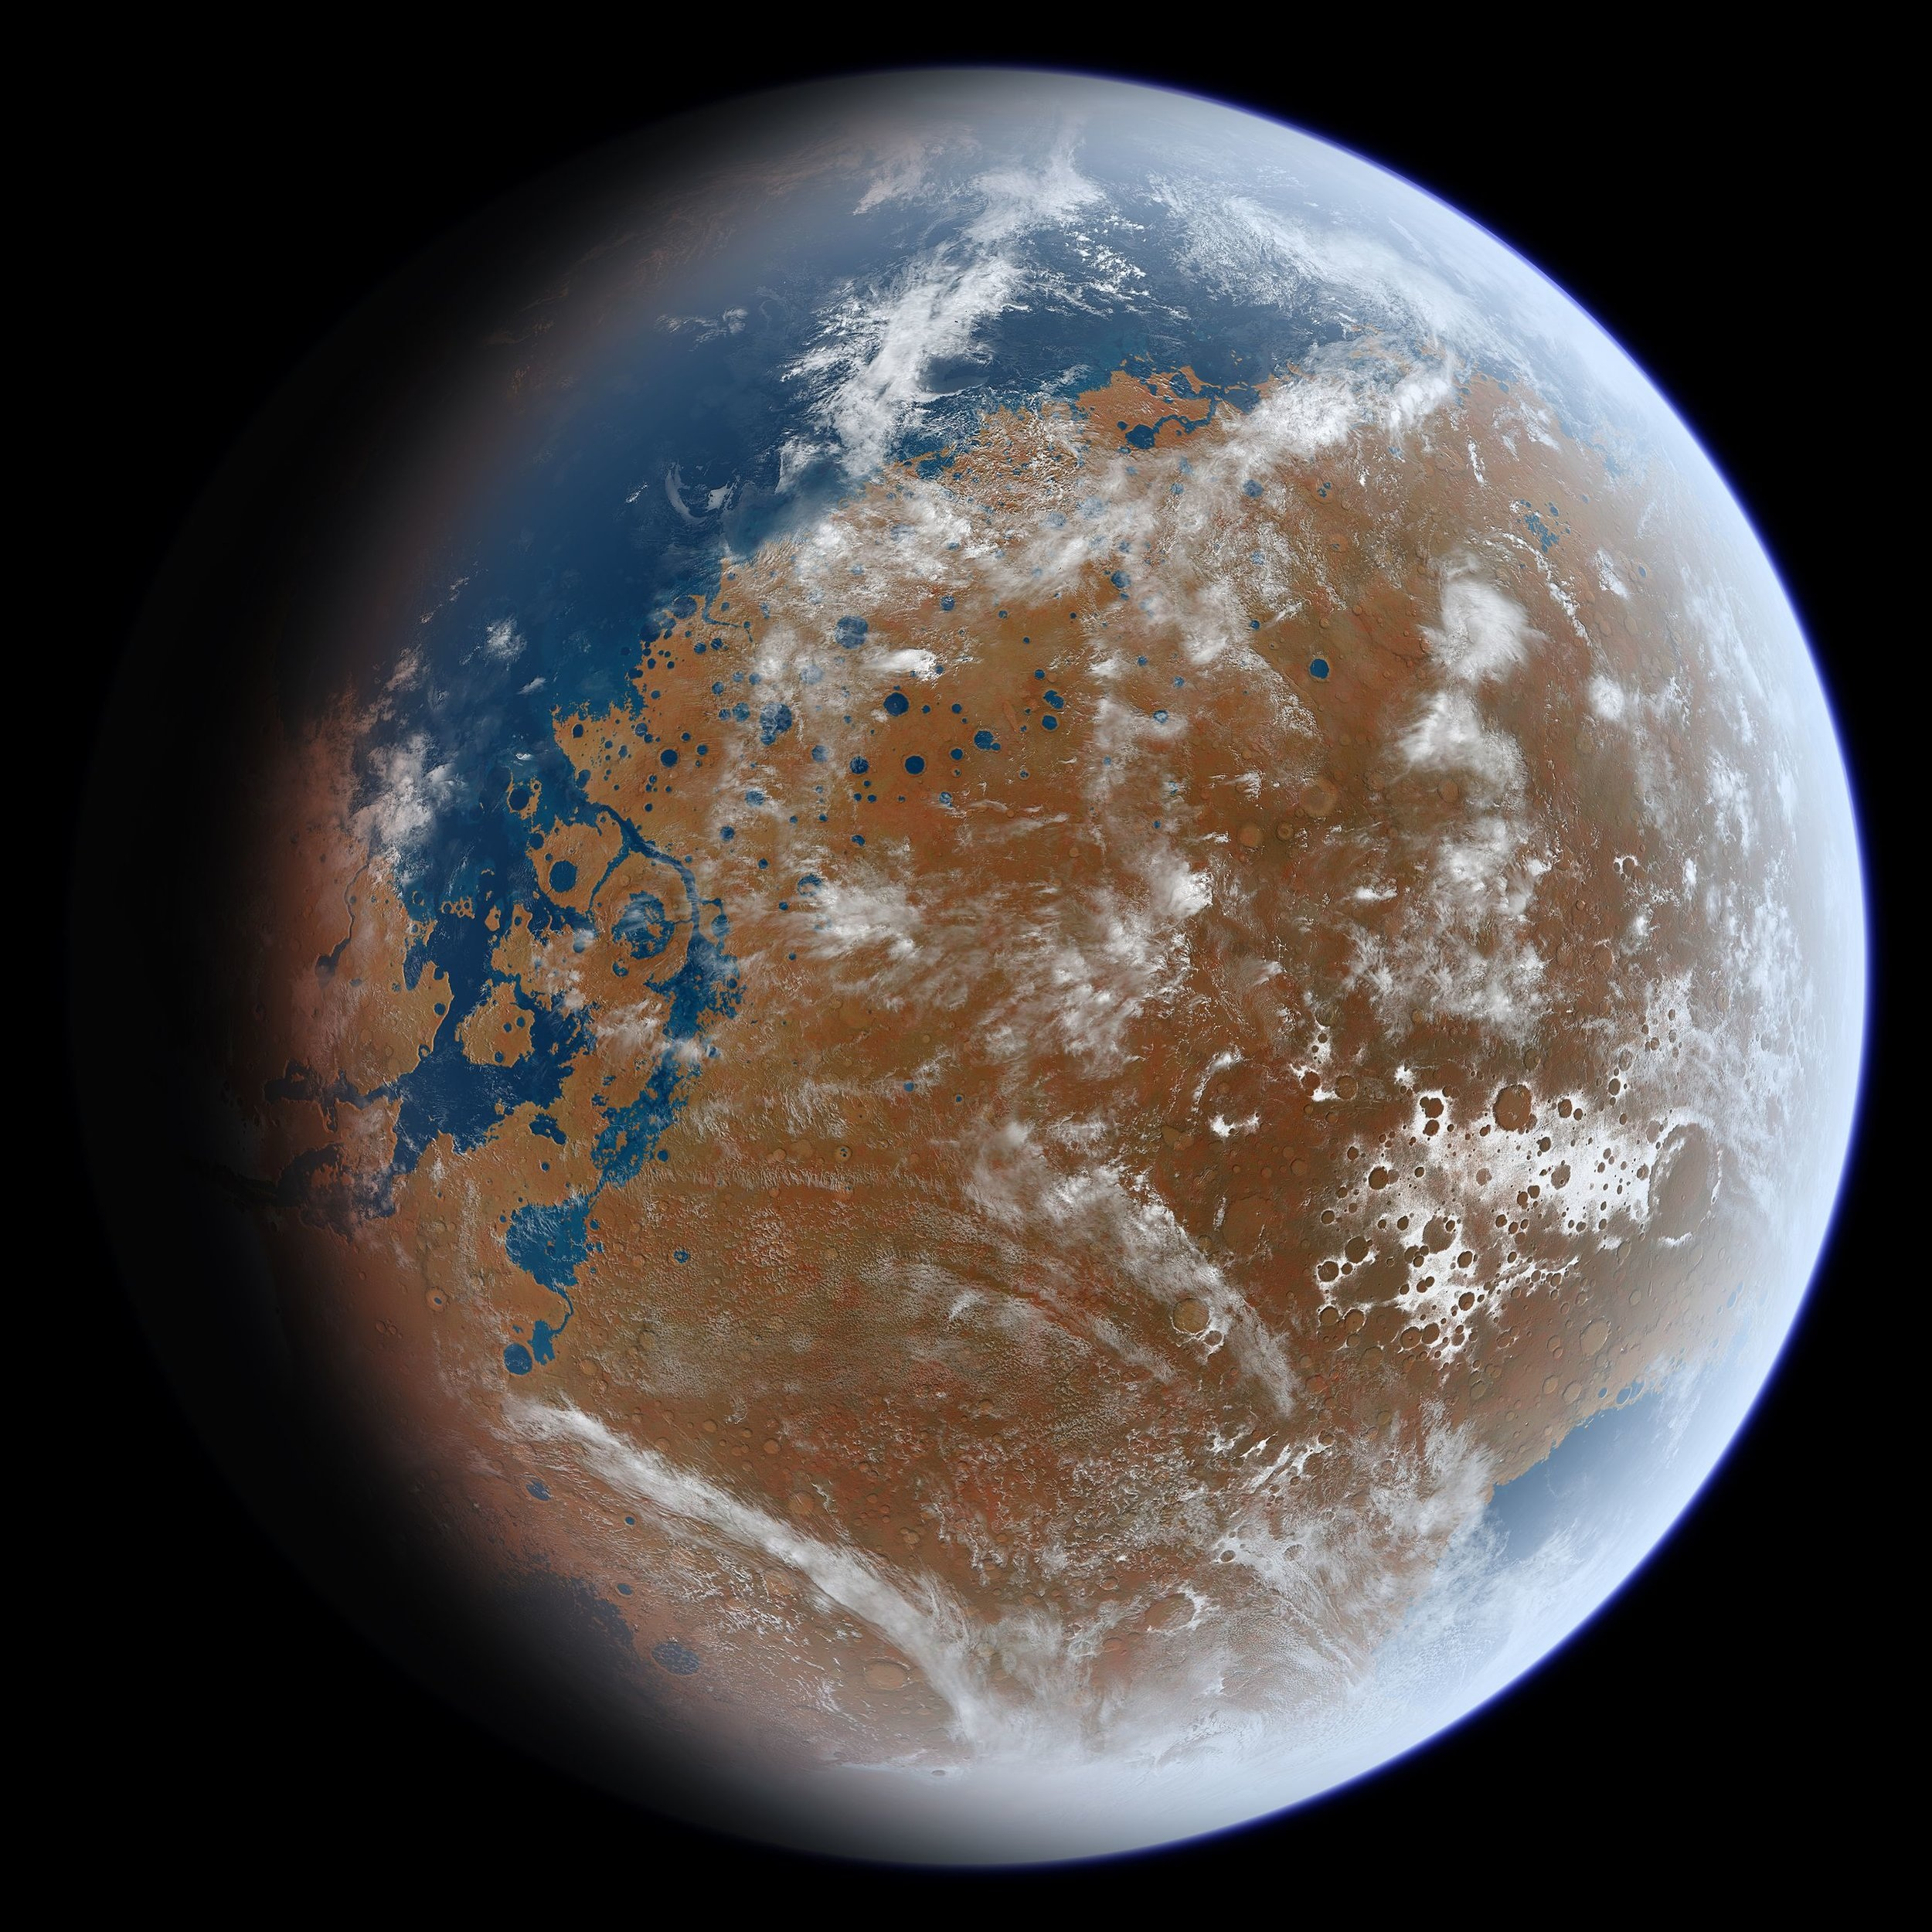 """Probablemente - """"Es muy posible que la atmósfera marciana hubiera dejado al planeta cubierto en lagos y mares, haciendo que se viera muy parecido a la Tierra""""."""